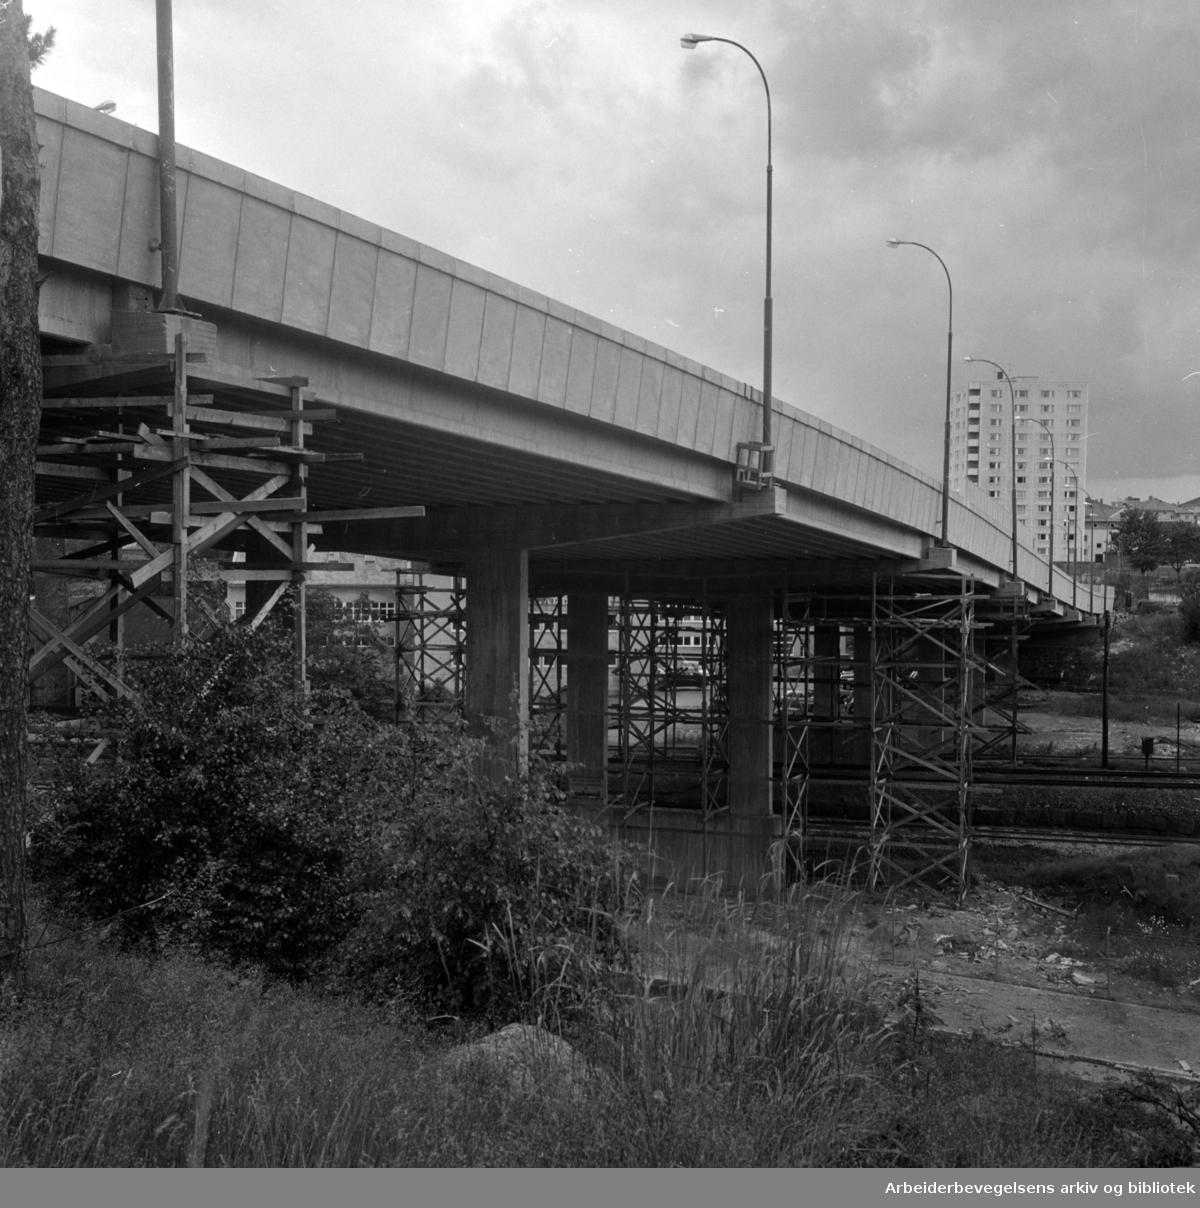 Tveita bru åpnet for trafikk. Juli 1964